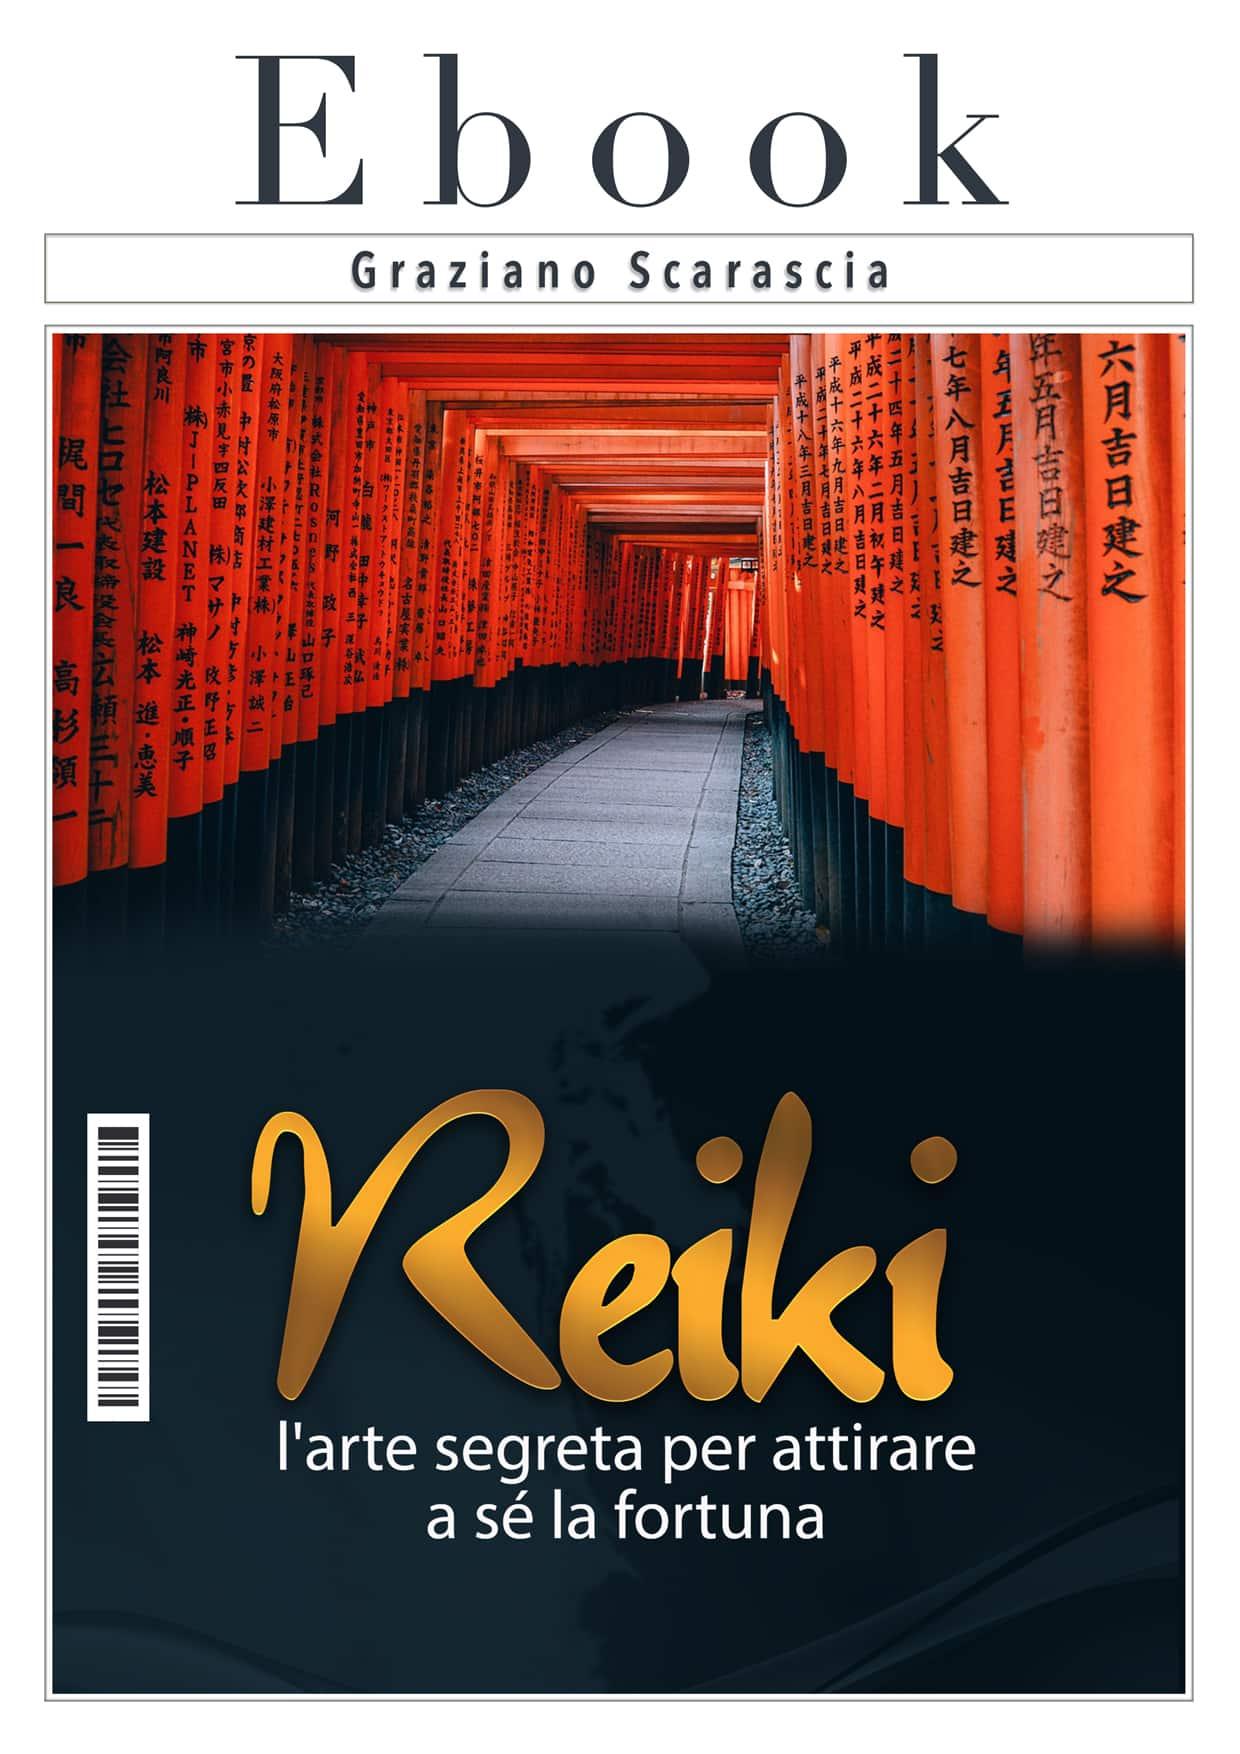 offerta lancio del libro reiki l'arte di attirare a sè la fortuna